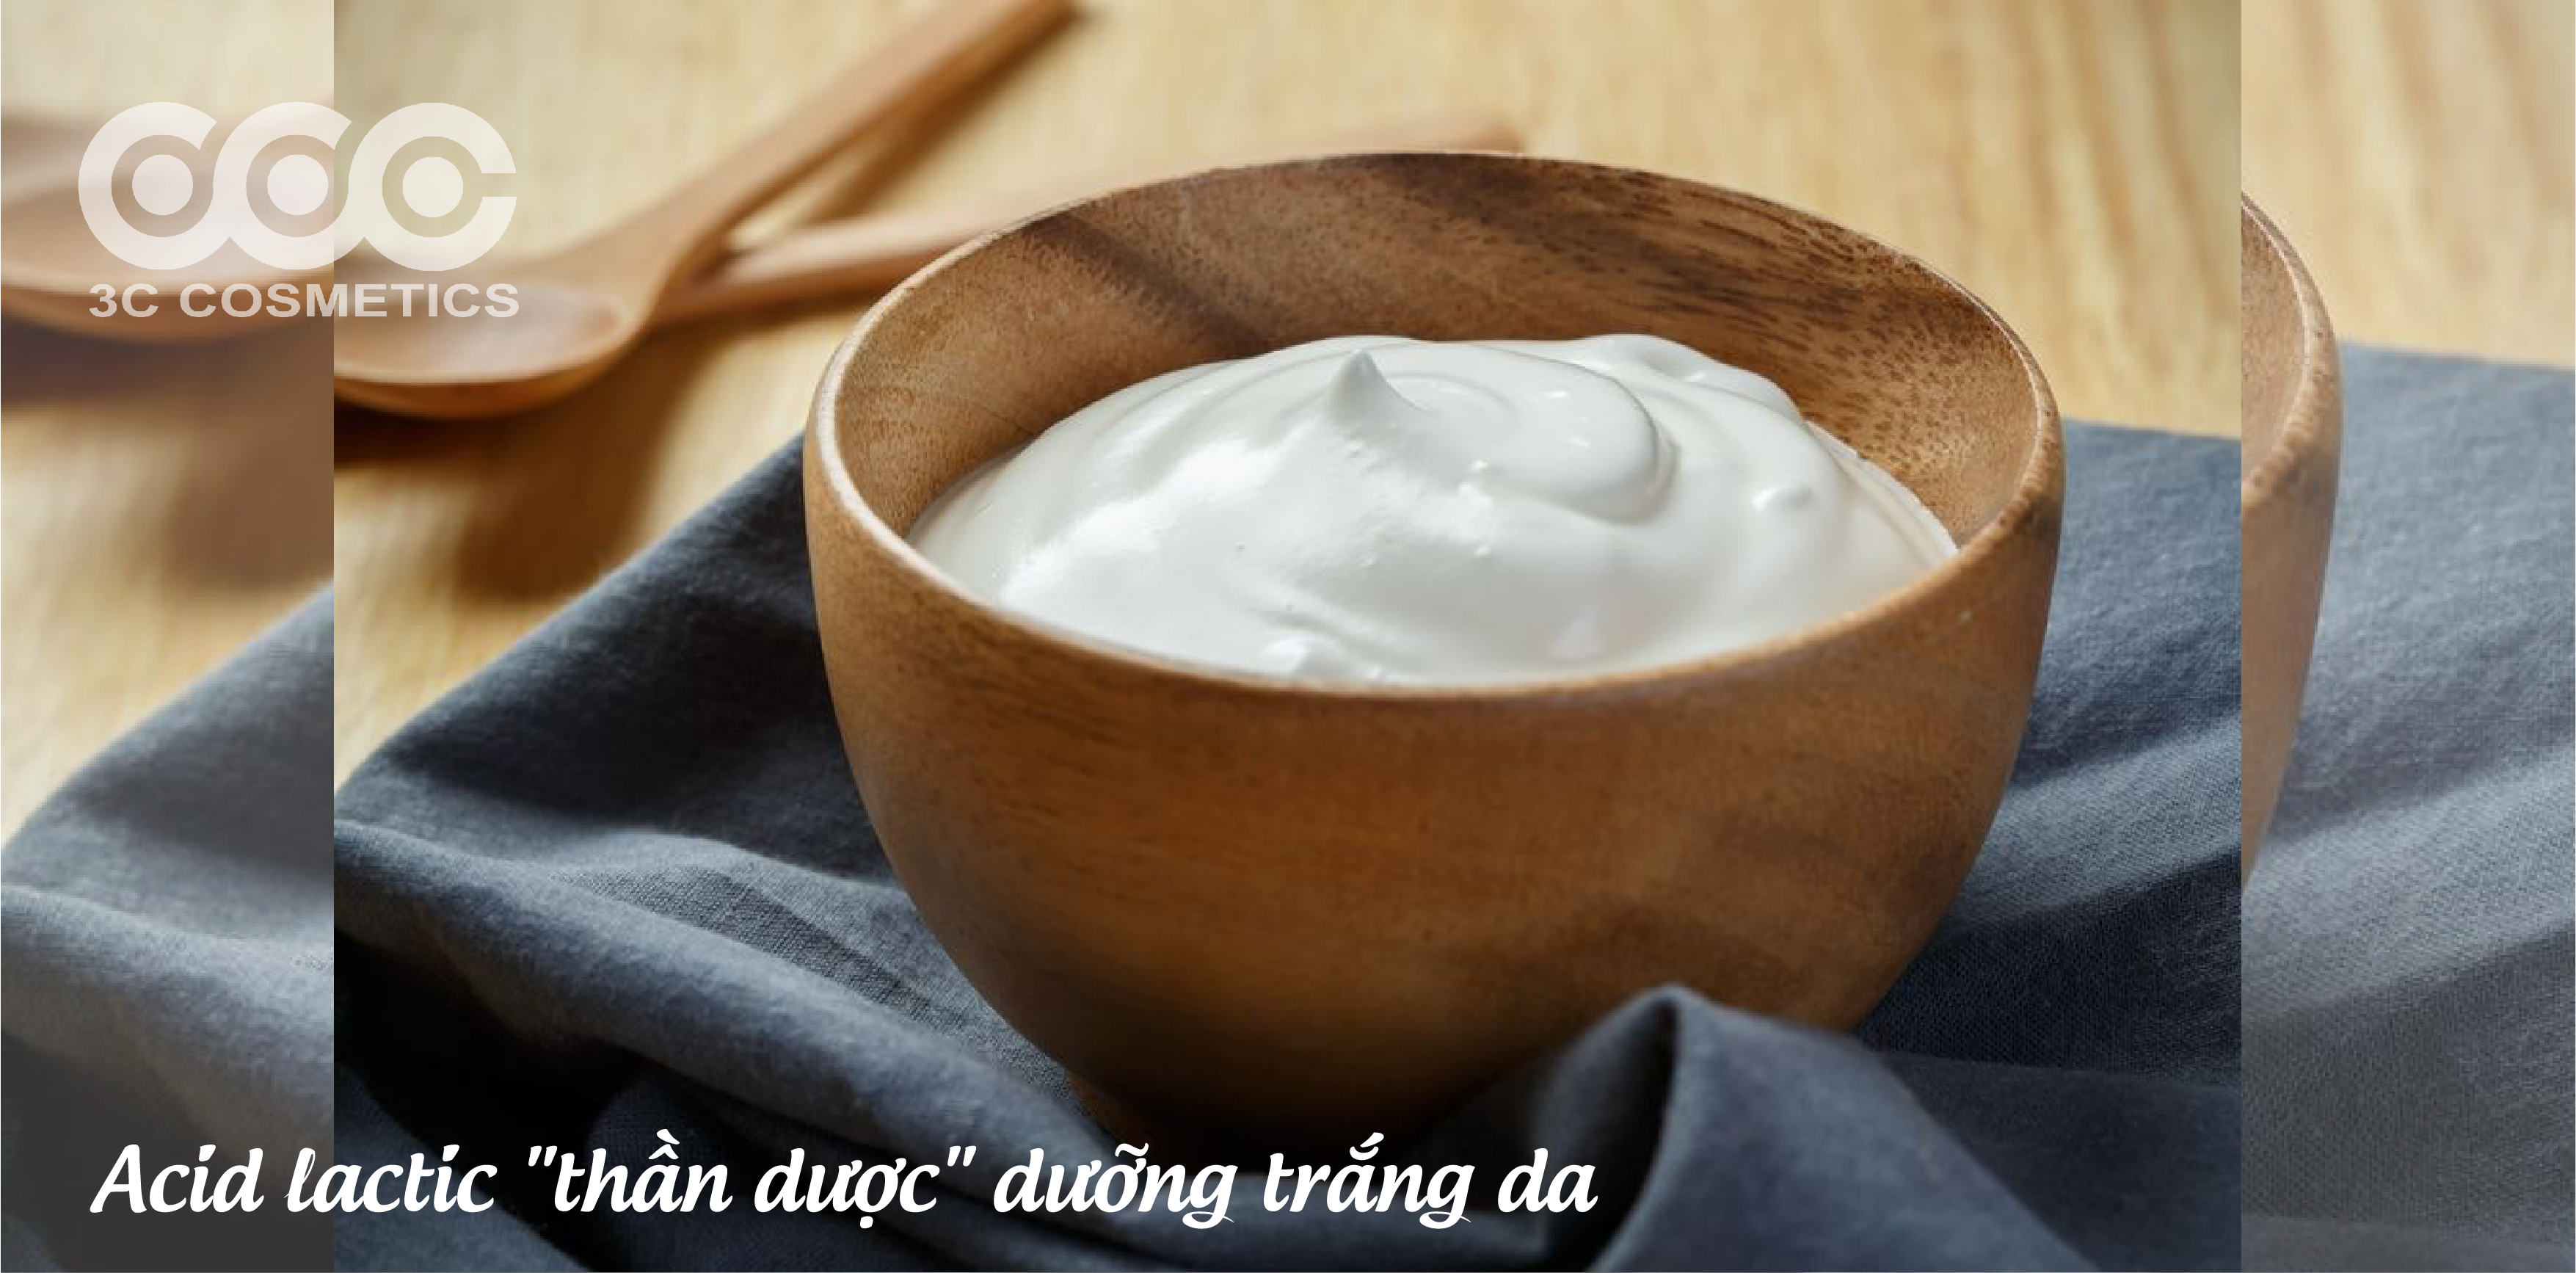 Acid lactic và công dụng tuyệt vời cho làn da